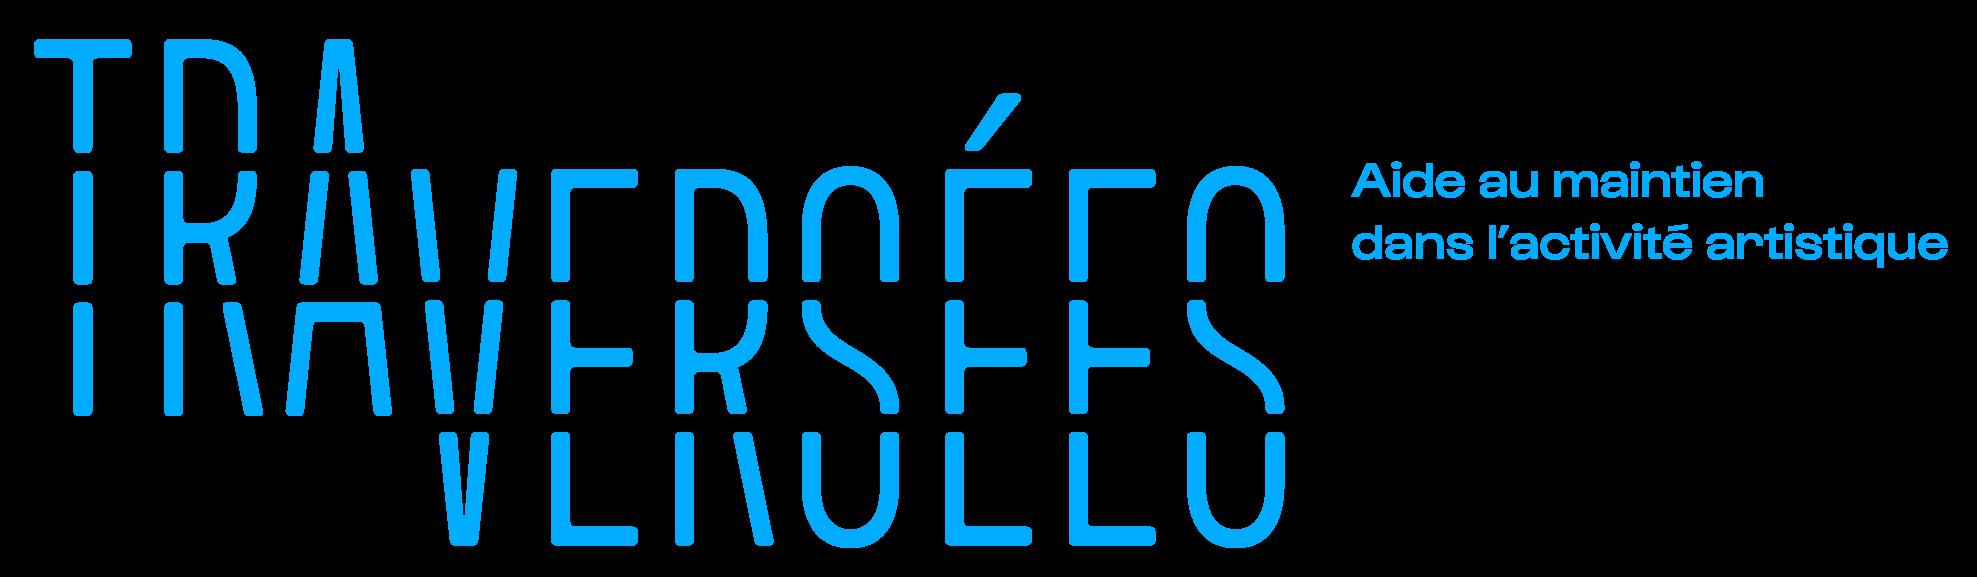 TRAVERSÉES - 325 artistes-auteurs bénéficiaires de l'aide au maintien dans l'activité artistique